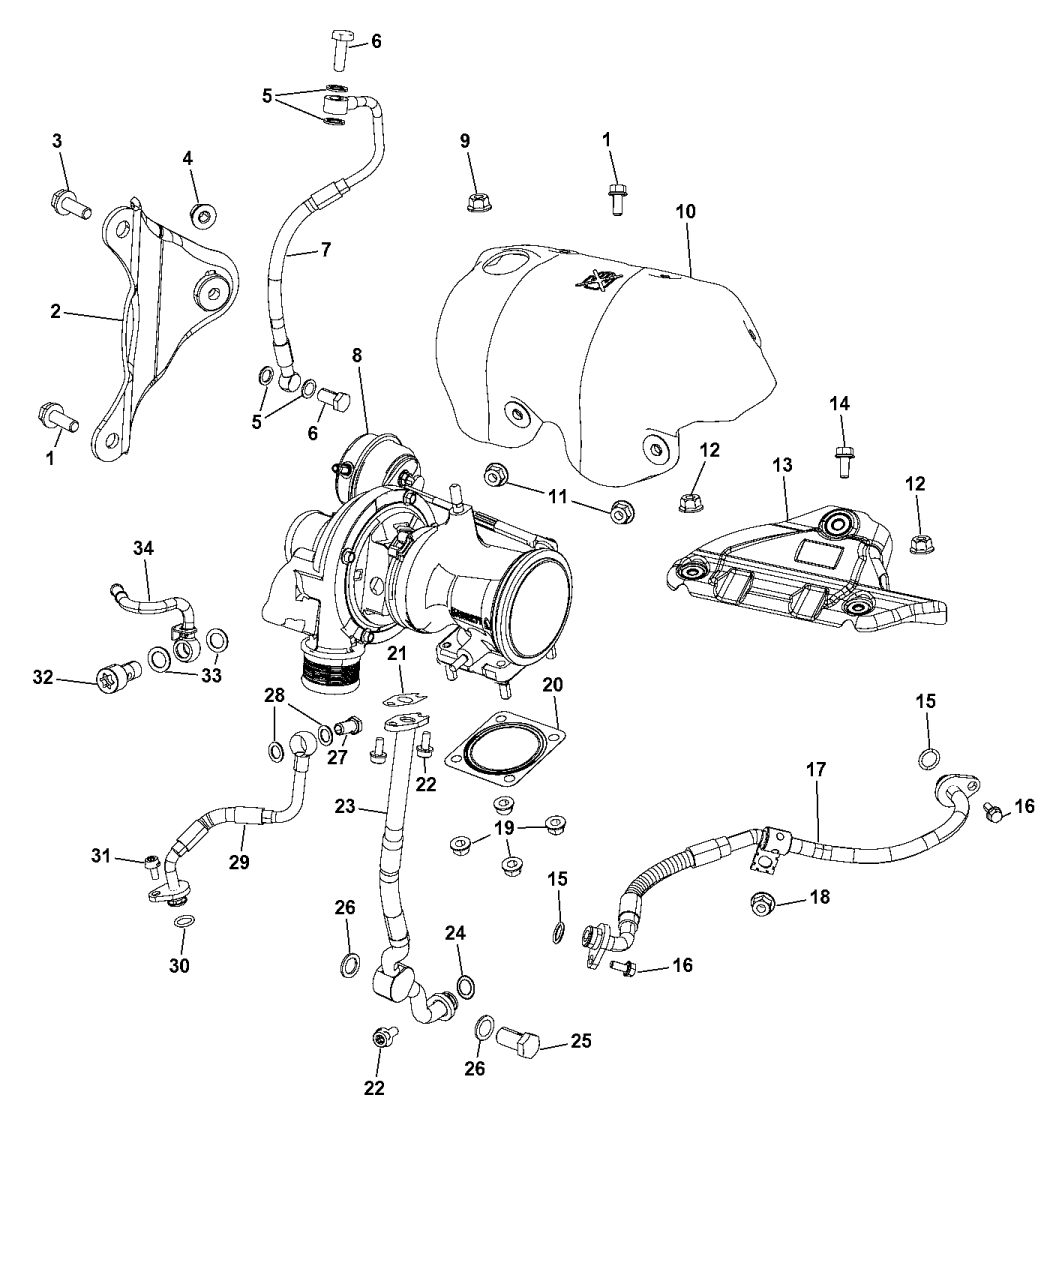 2013 Dodge Dart Turbocharger & Oil Hoses/Tubes